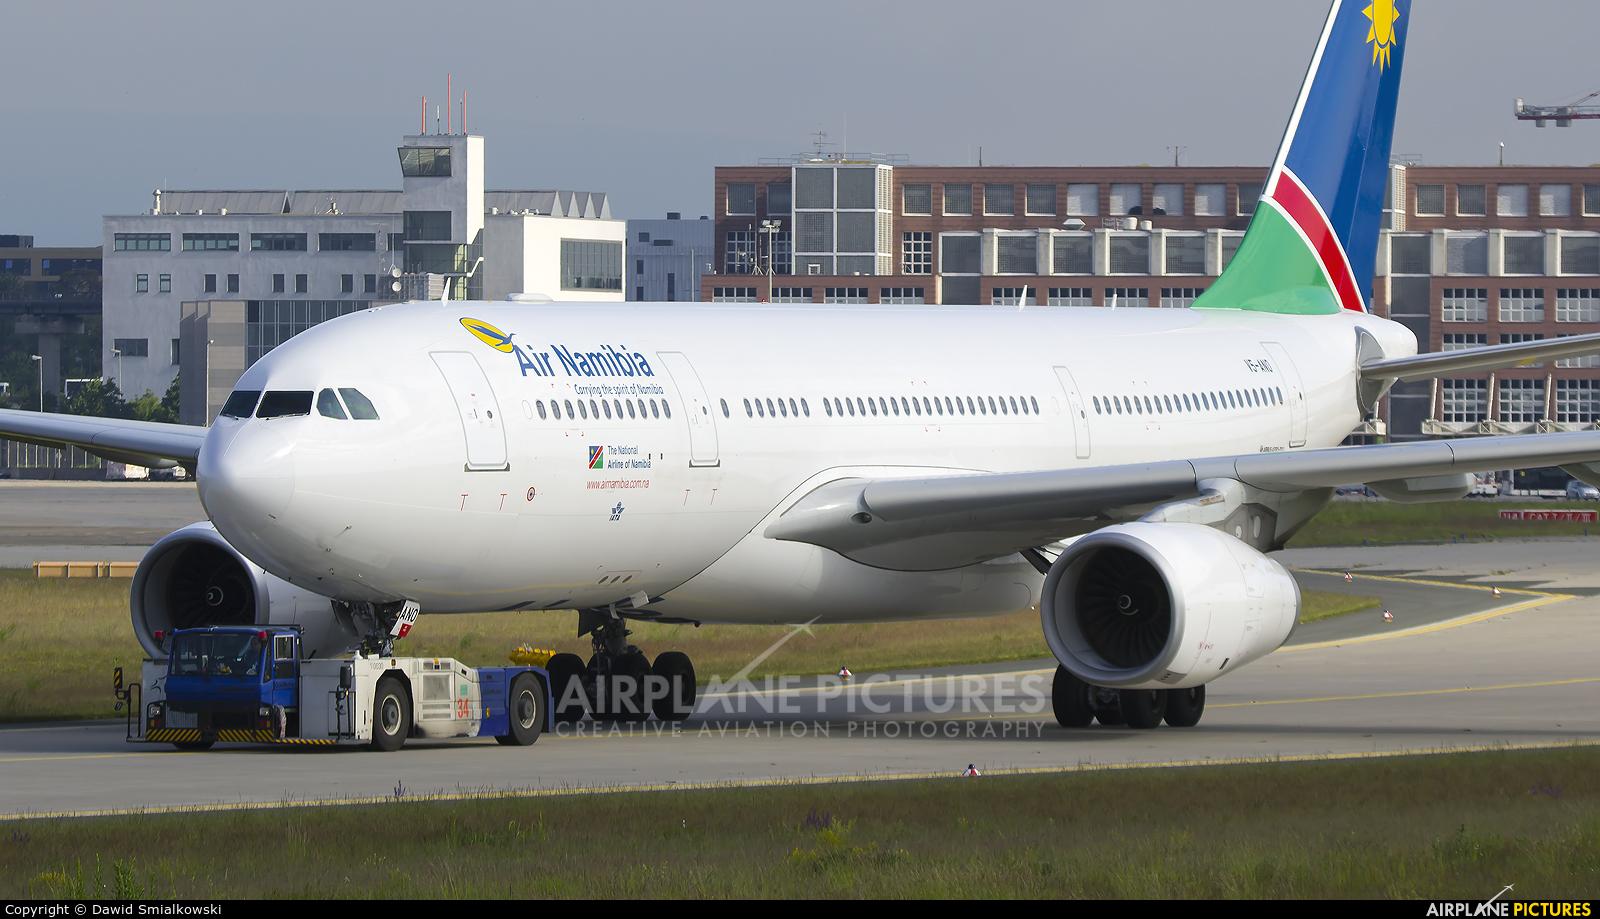 Air Namibia V5-ANO aircraft at Frankfurt